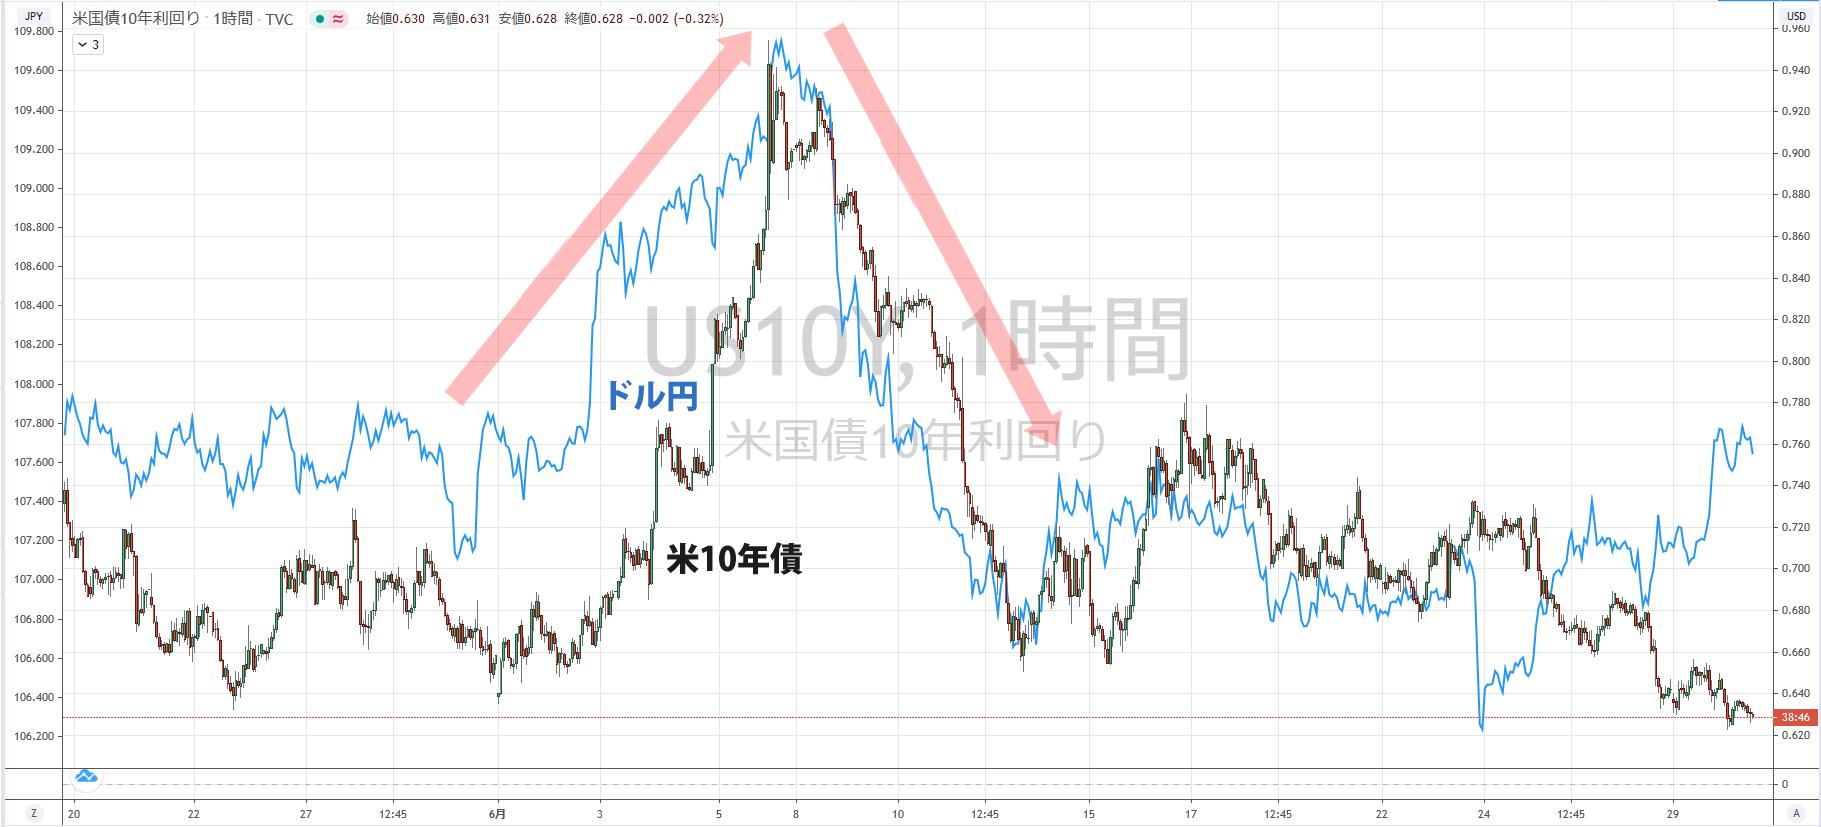 米10年債利回りとドル円の相関関係が分かるチャート